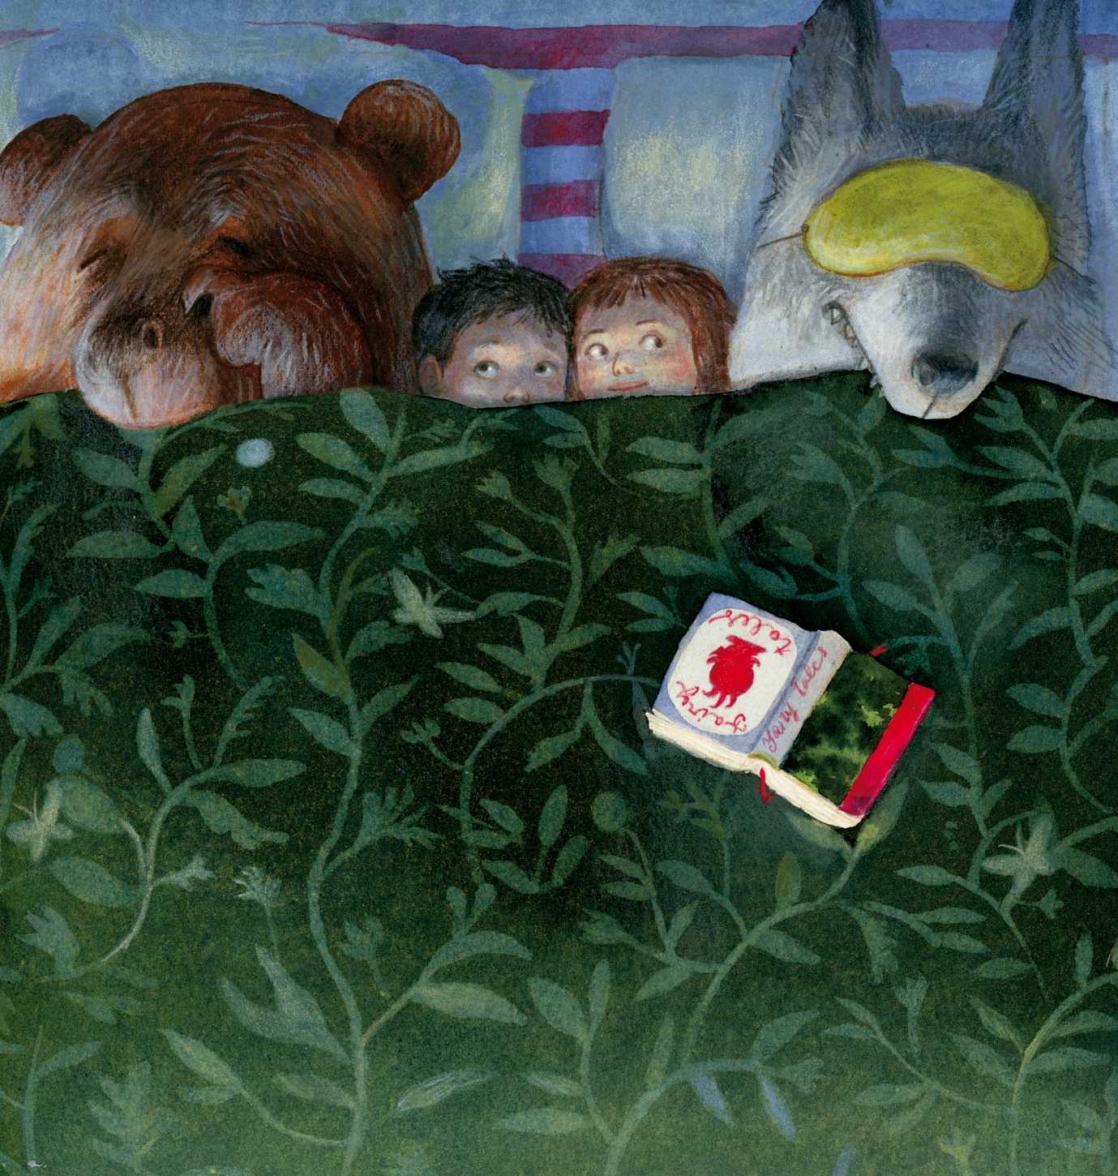 Les créatures du livre s'invitent sous la couette, illustration de Mariachiaria di Giorgio (2016)